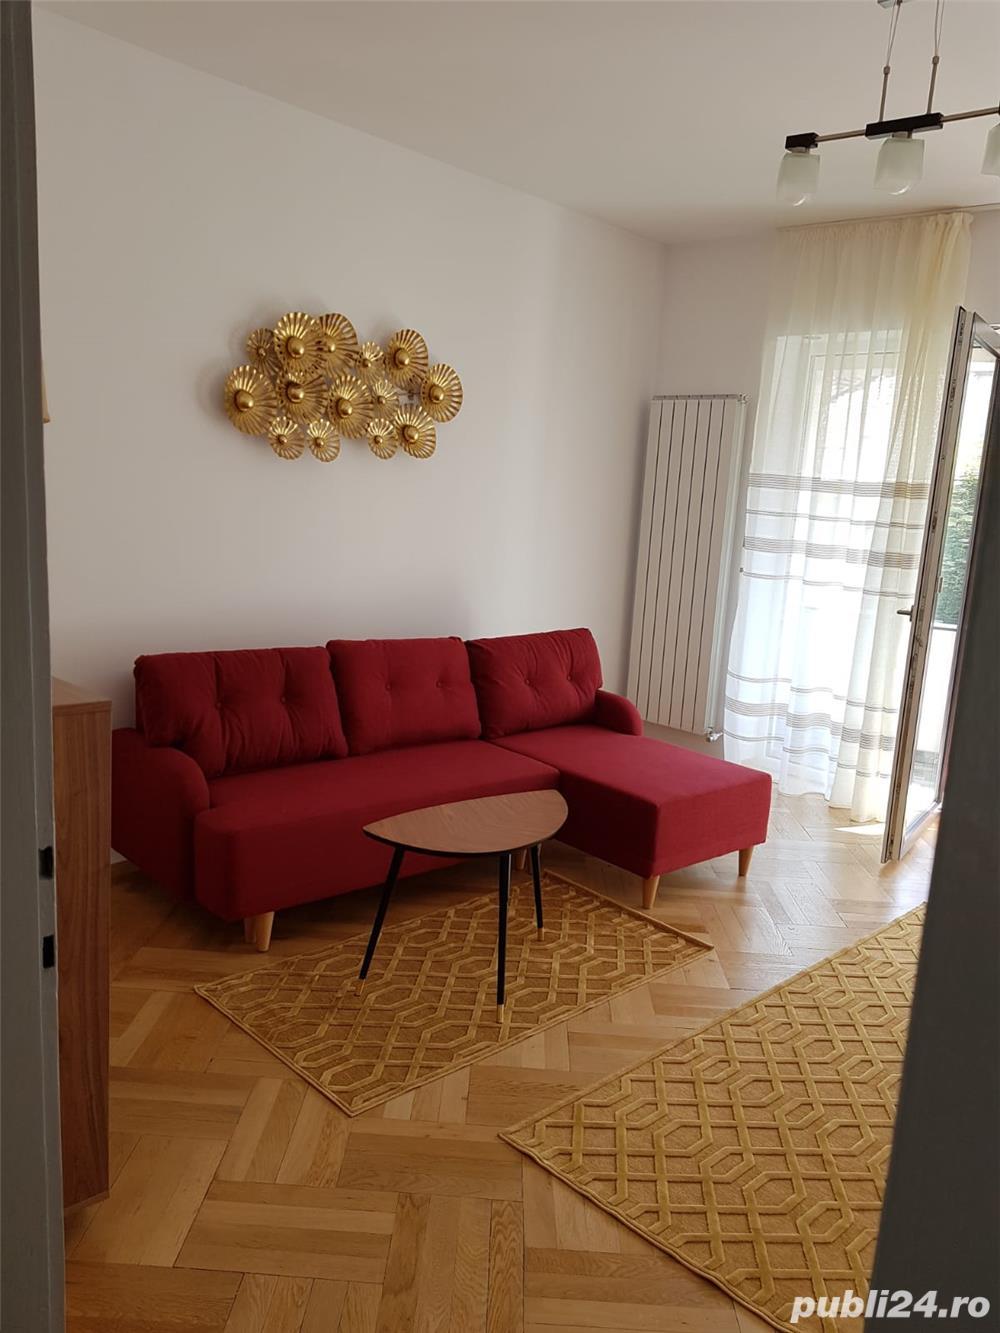 Apartament la prima inchiriere, 2 camere, Dealul Cetatii, 0722244301.